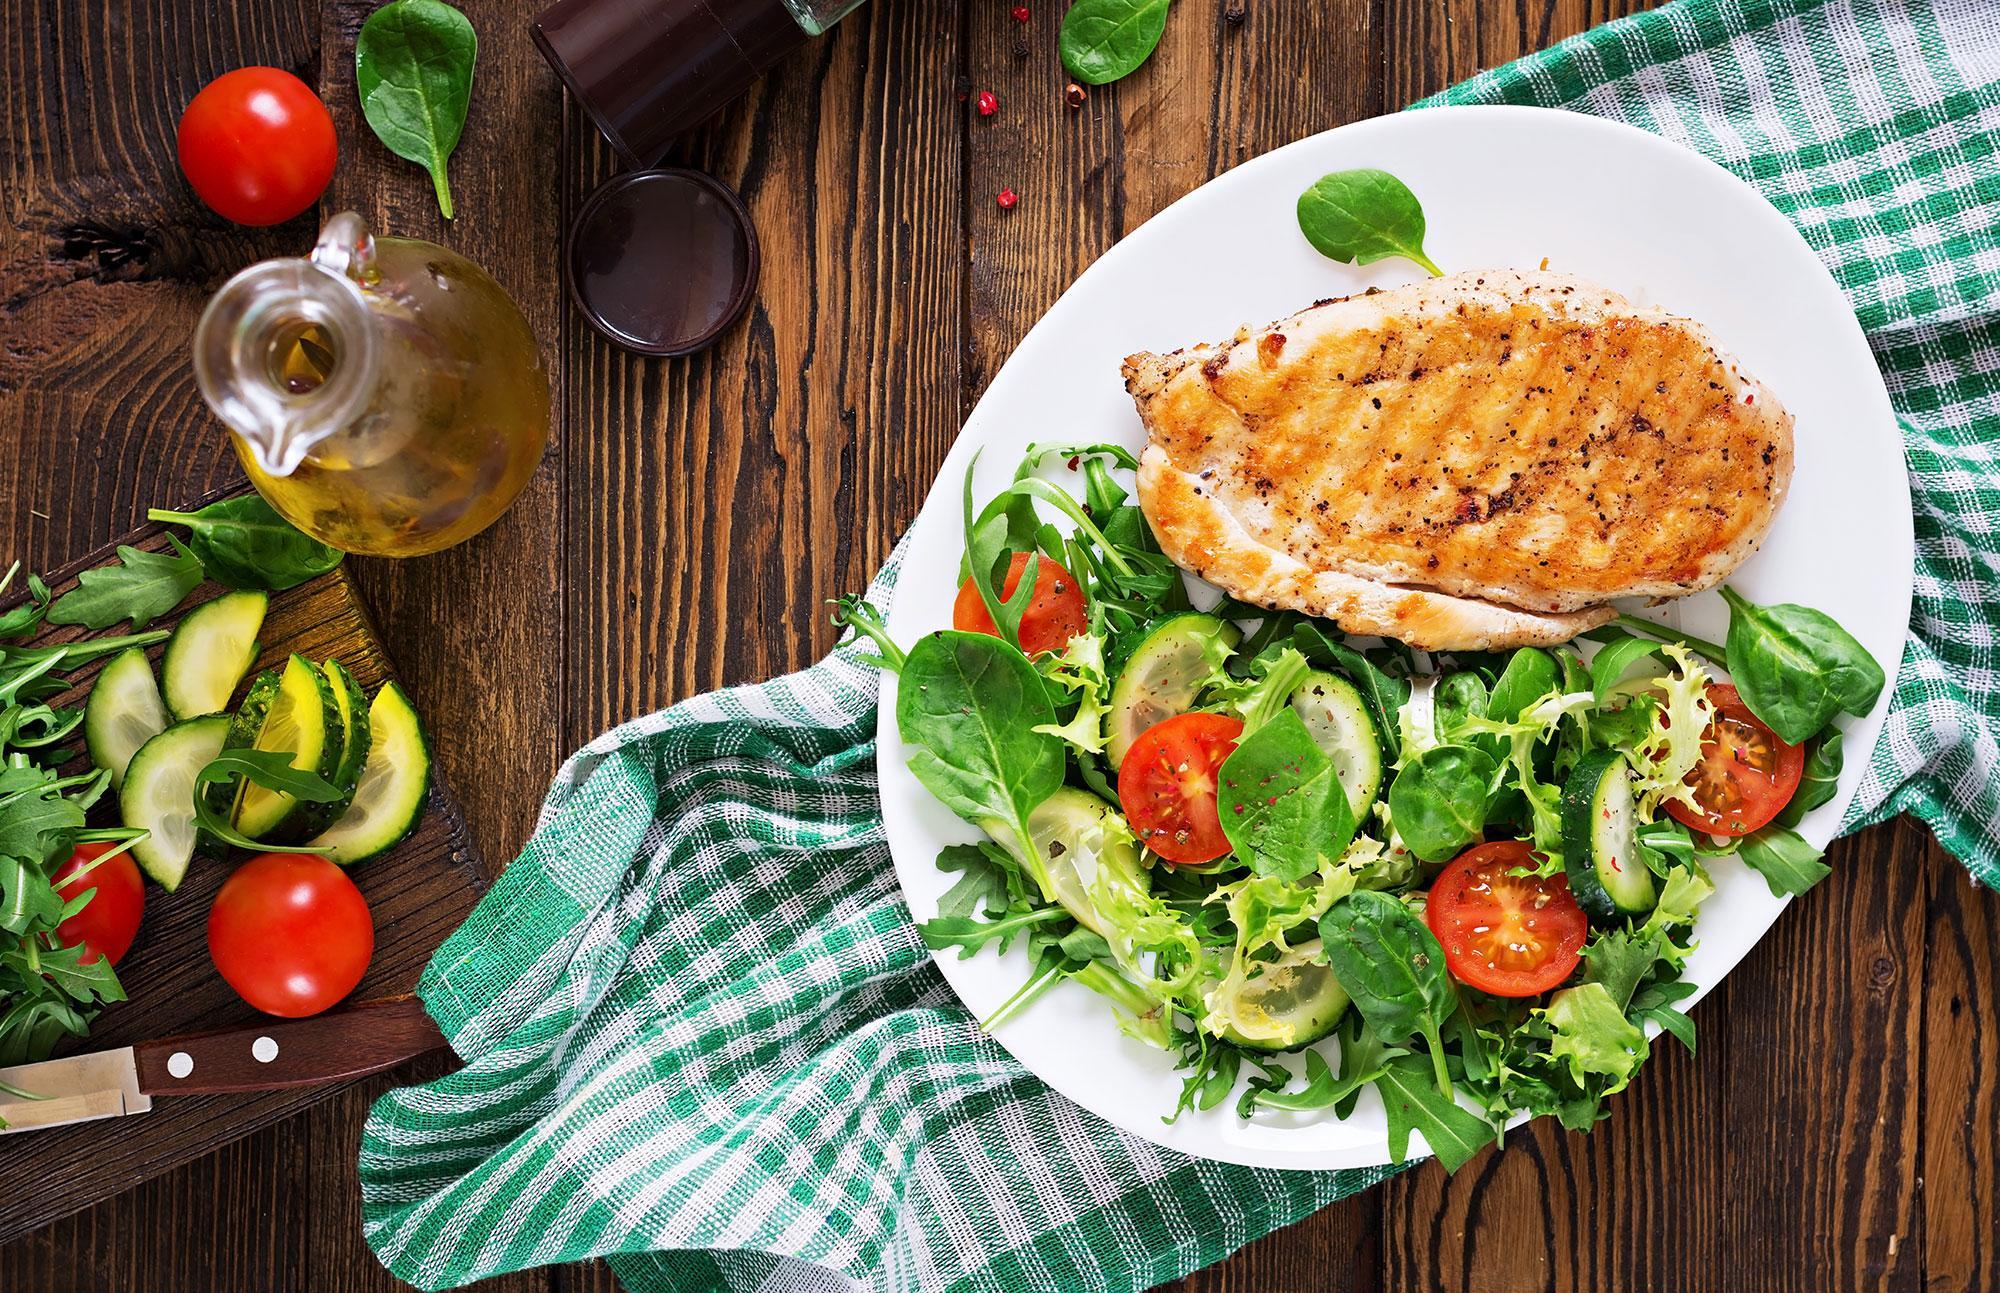 Sağlıklı Beslenmek İçin Tavuk Şart!